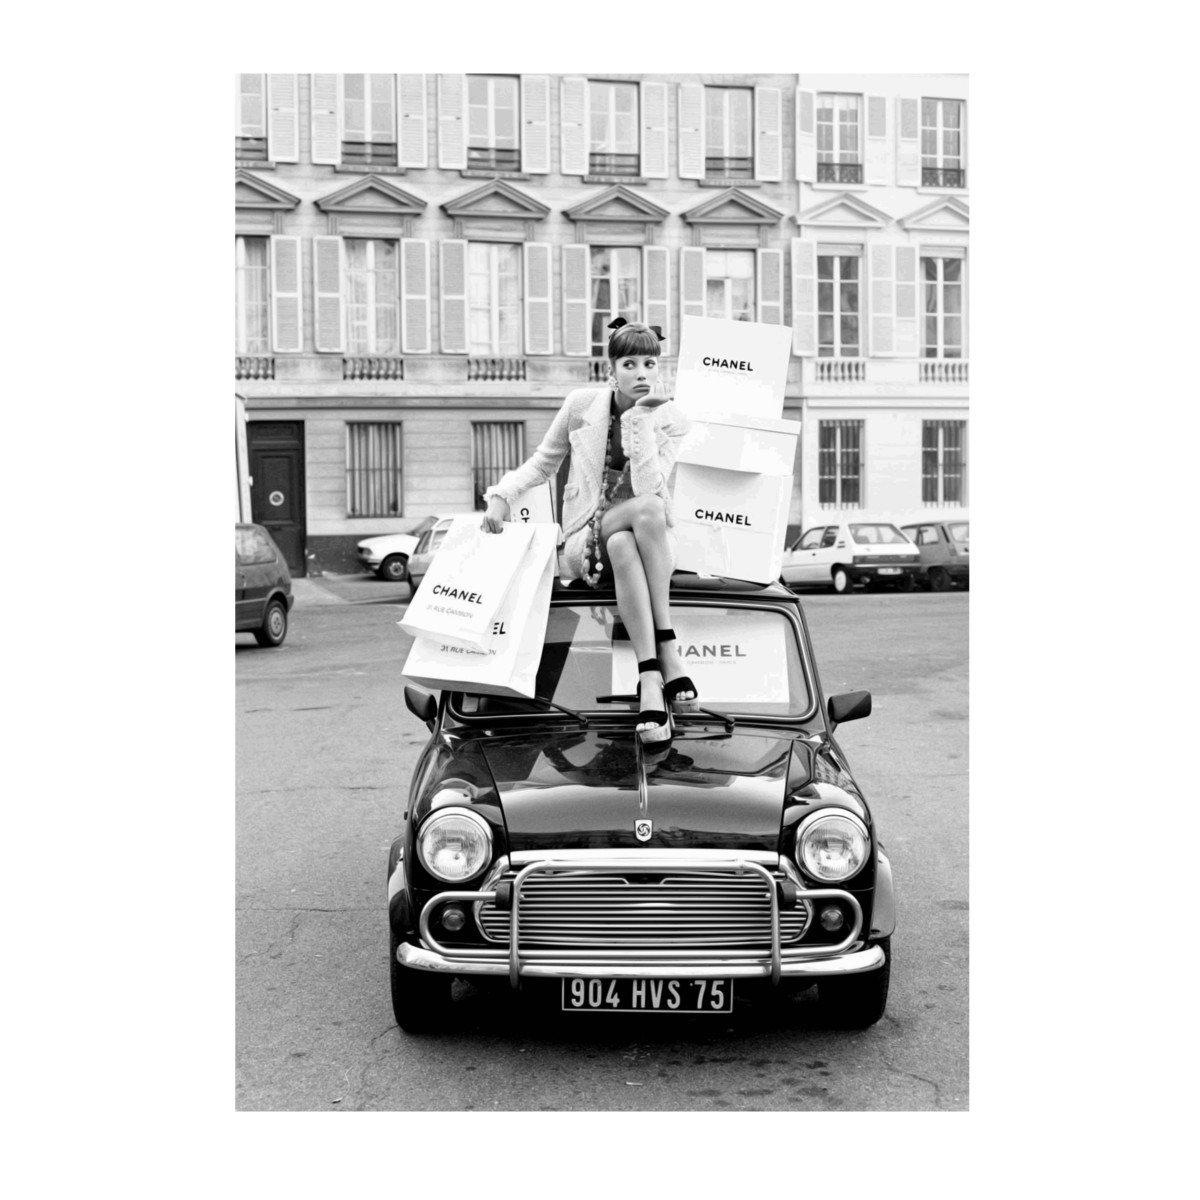 Aroma of Paris アートポスター おしゃれ インテリア 北欧 モノクロ アート #113 B3 ブラックフレーム B079KSTDFL B3 (364 x 515mm)|ブラックフレーム ブラックフレーム B3 (364 x 515mm)